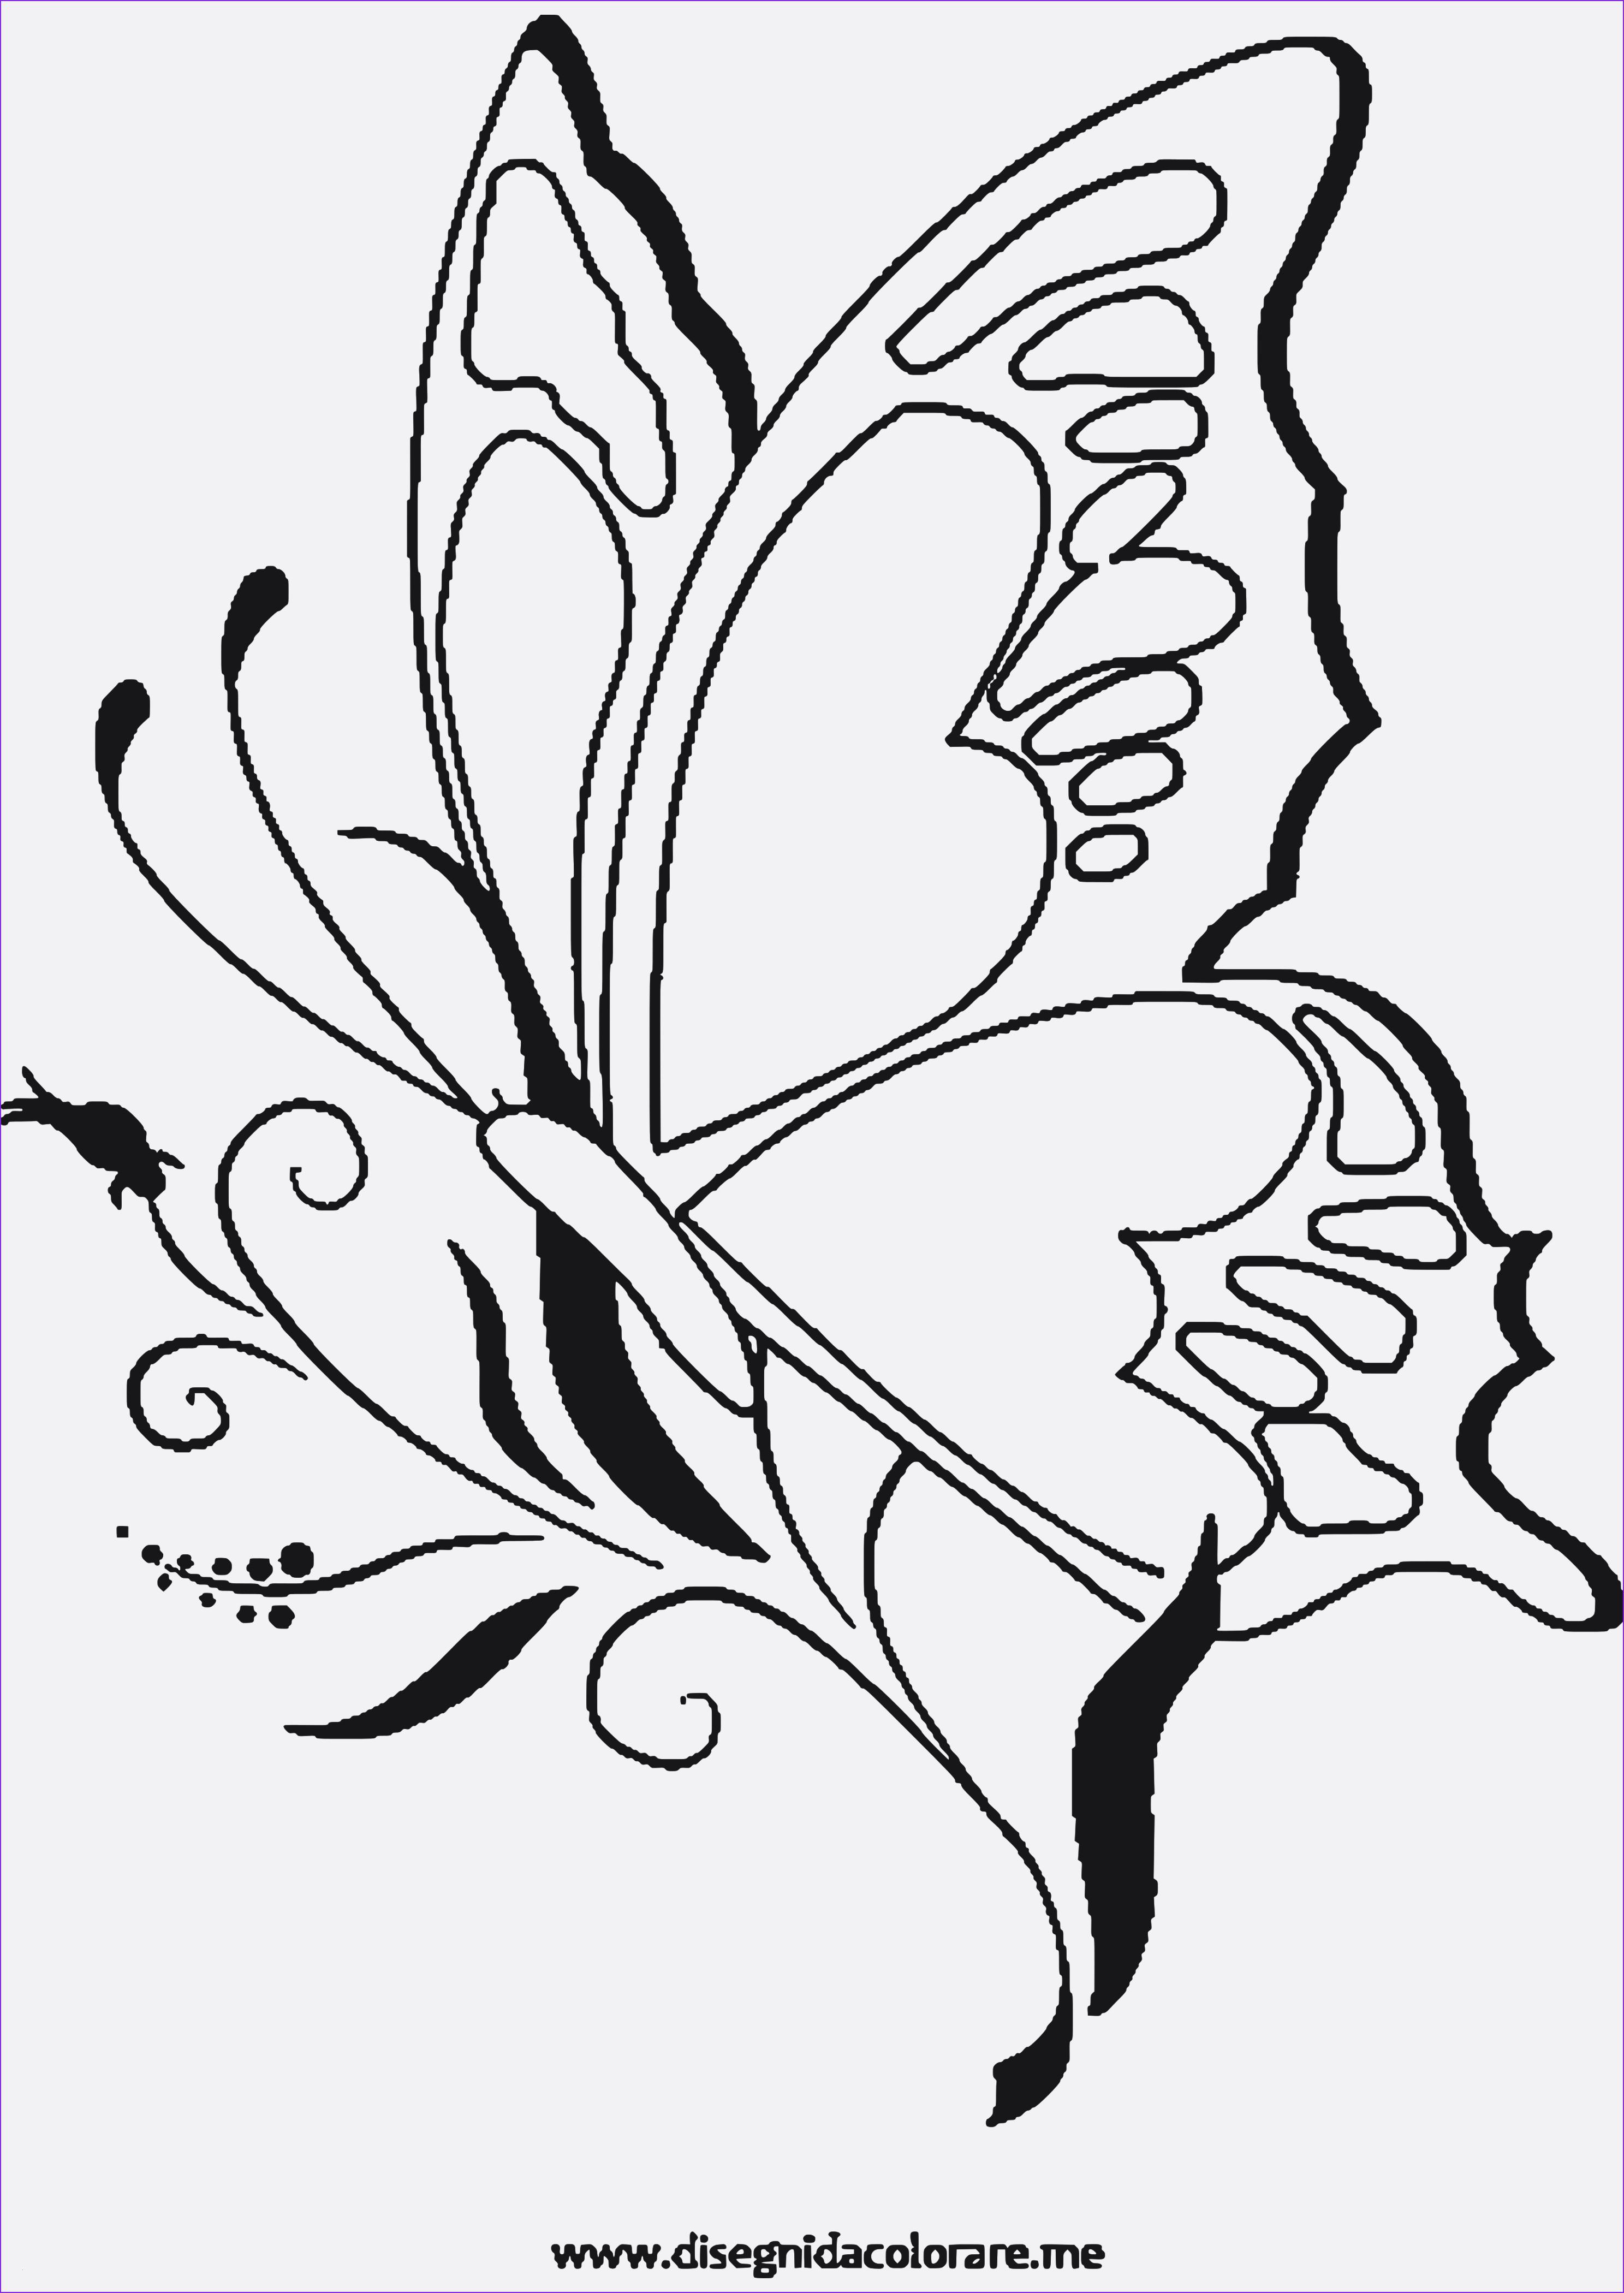 Rainbow Dash Ausmalbilder Das Beste Von Malvorlagen Mandala Schmetterlinge Archives Mickeycarrollmunchkin Sammlung